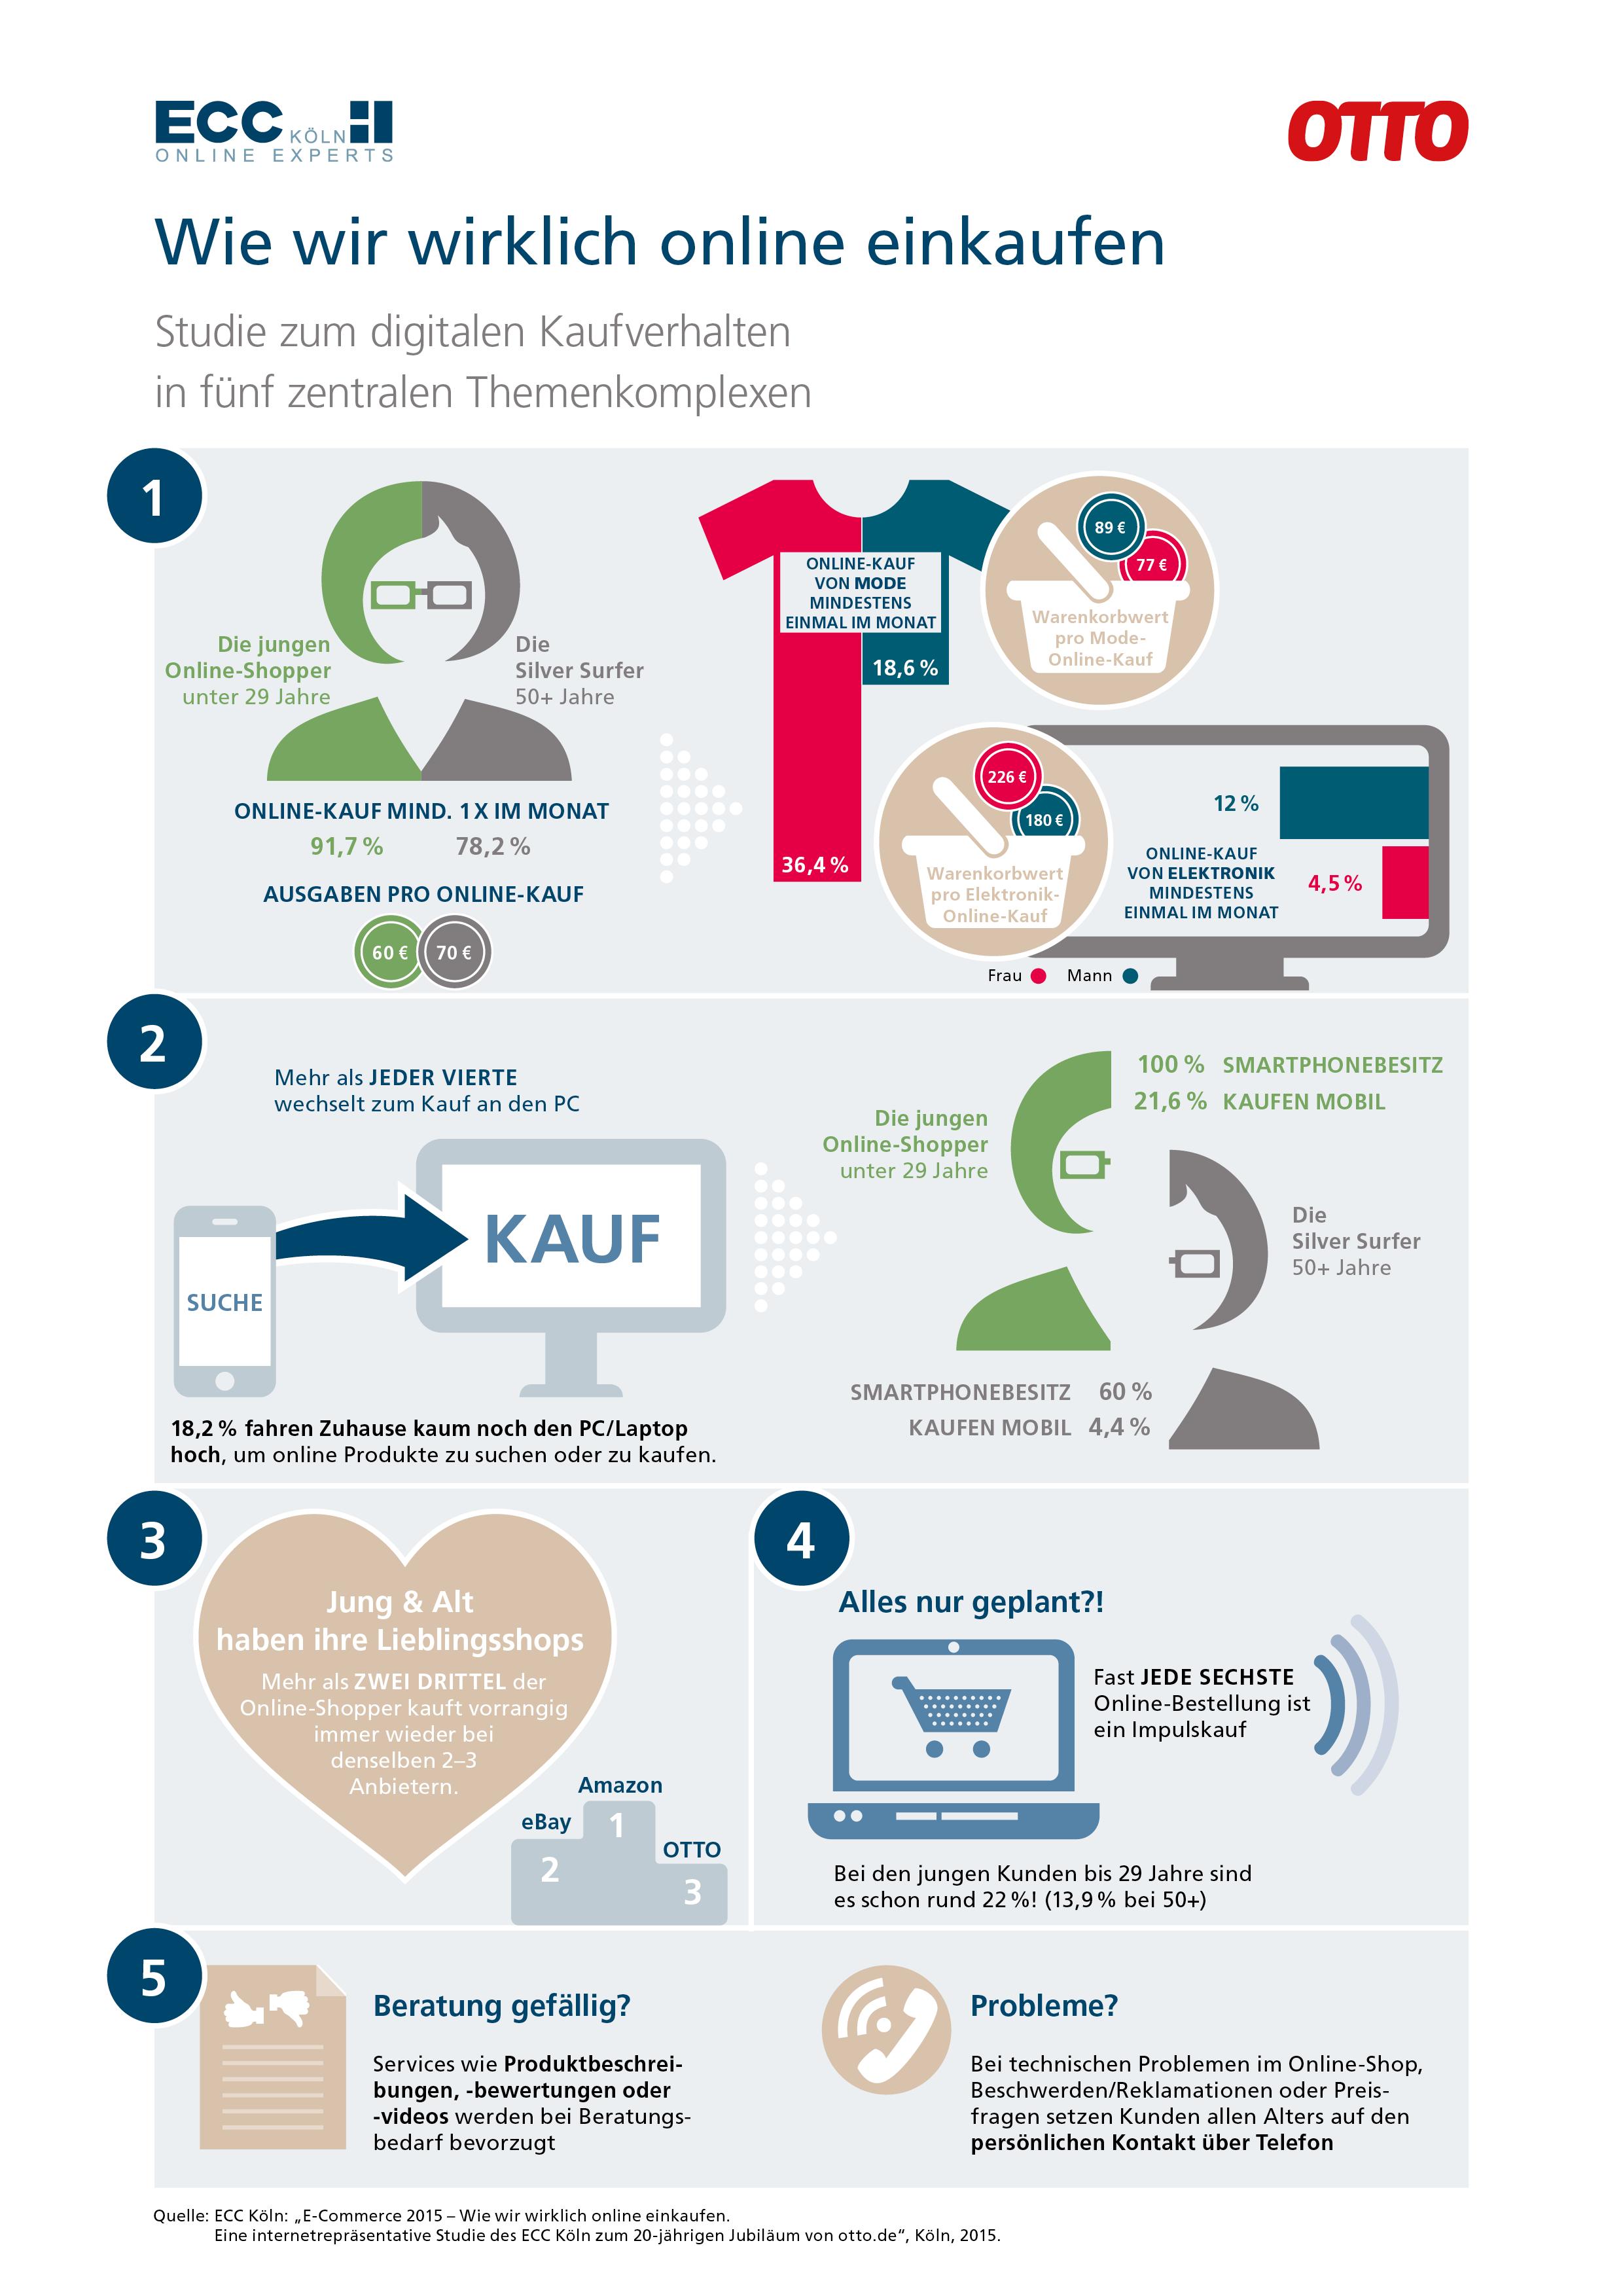 Grafik_Wie wir wirklich online einkaufen